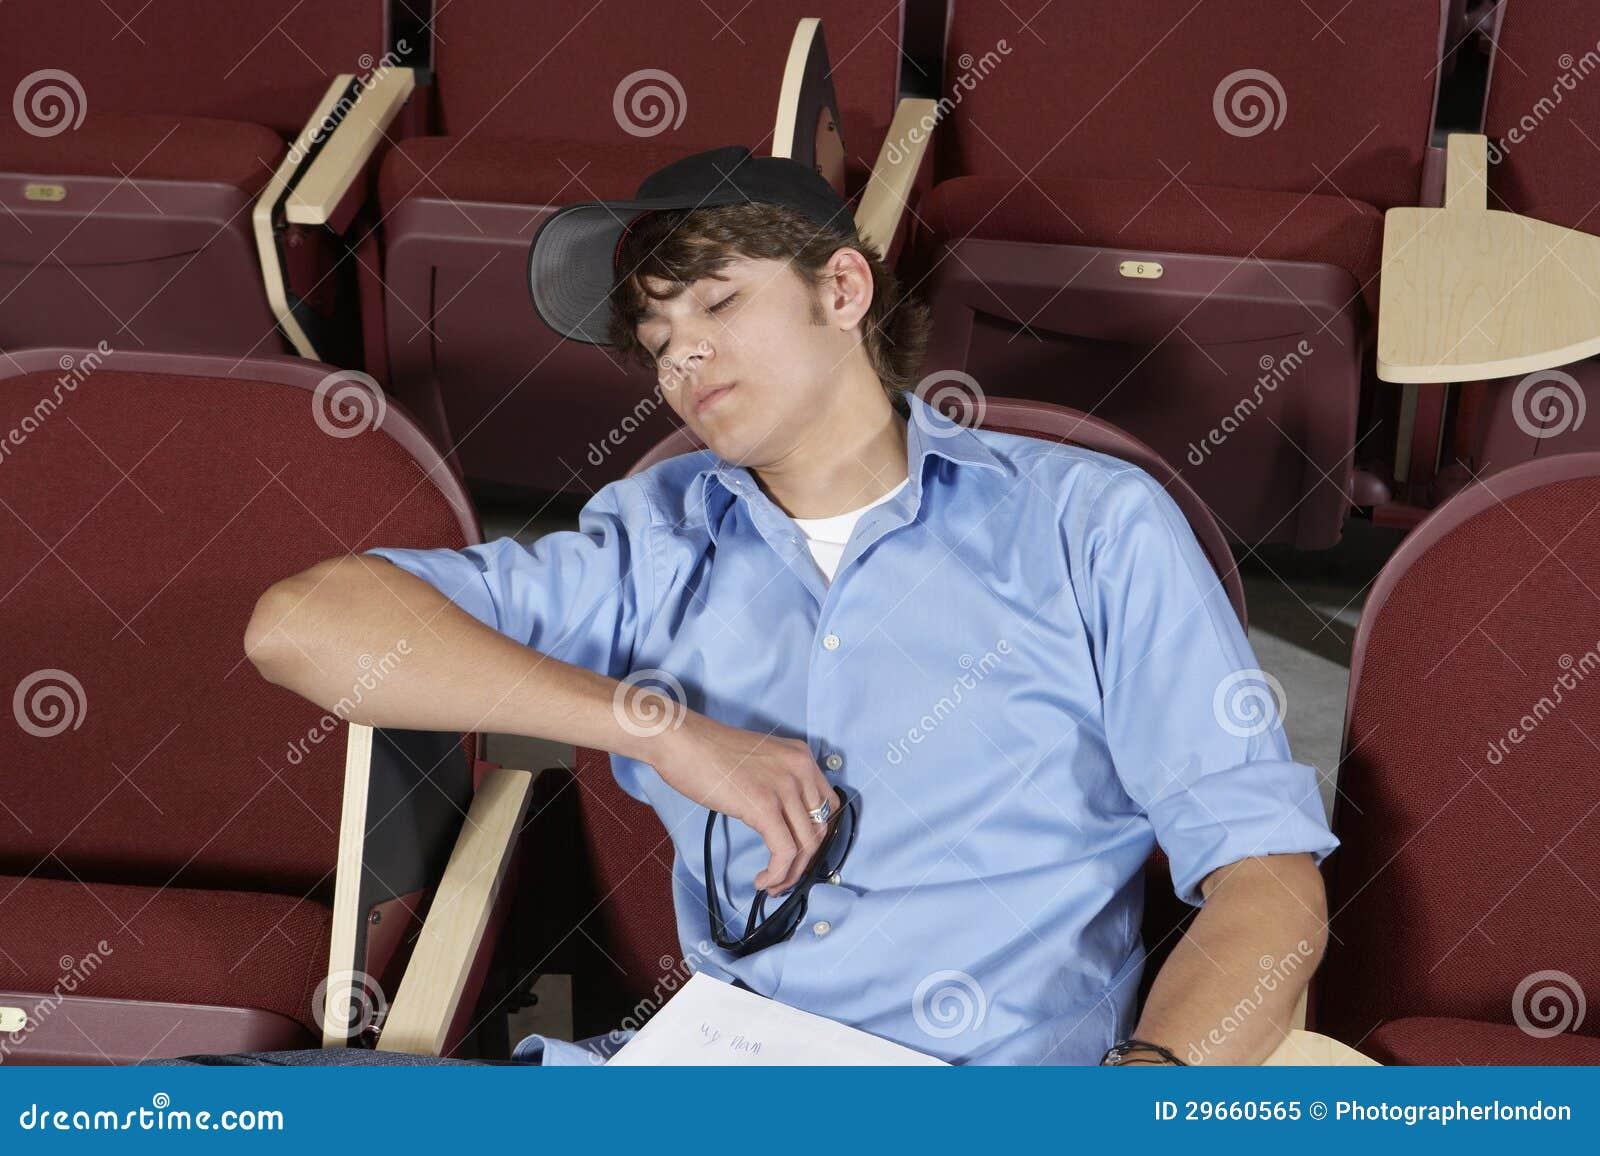 Pin Asleep In Class 2 Clipart Clip Art on Pinterest